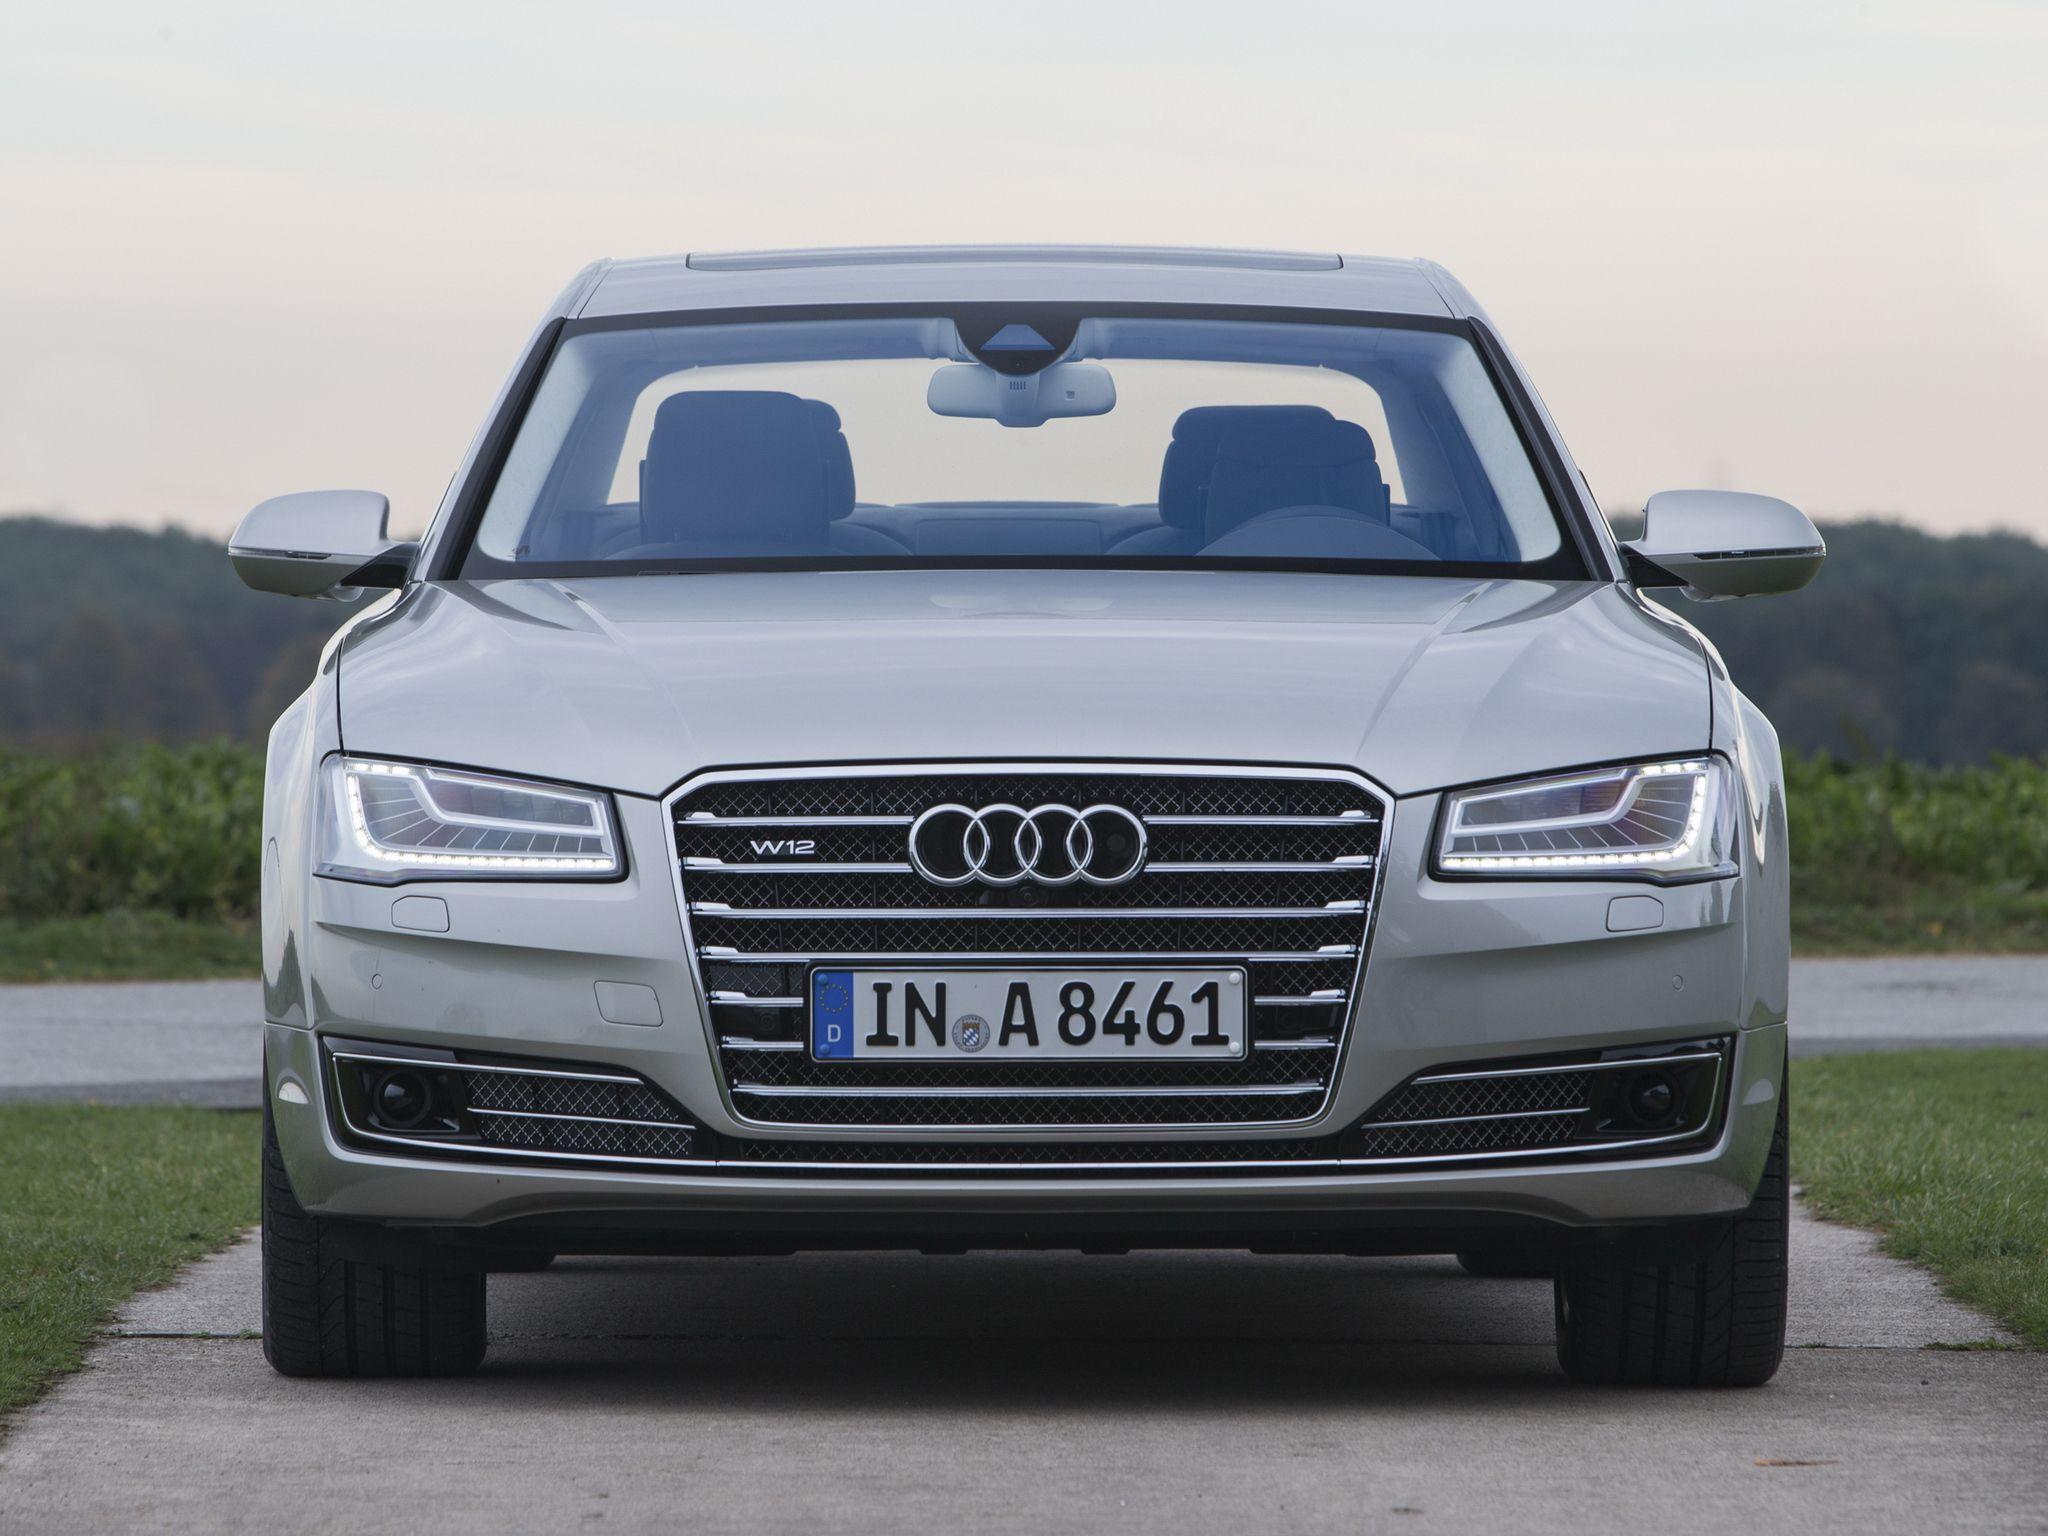 Audi A8 W12 2013 Audi a8, Super luxury cars, Audi cars